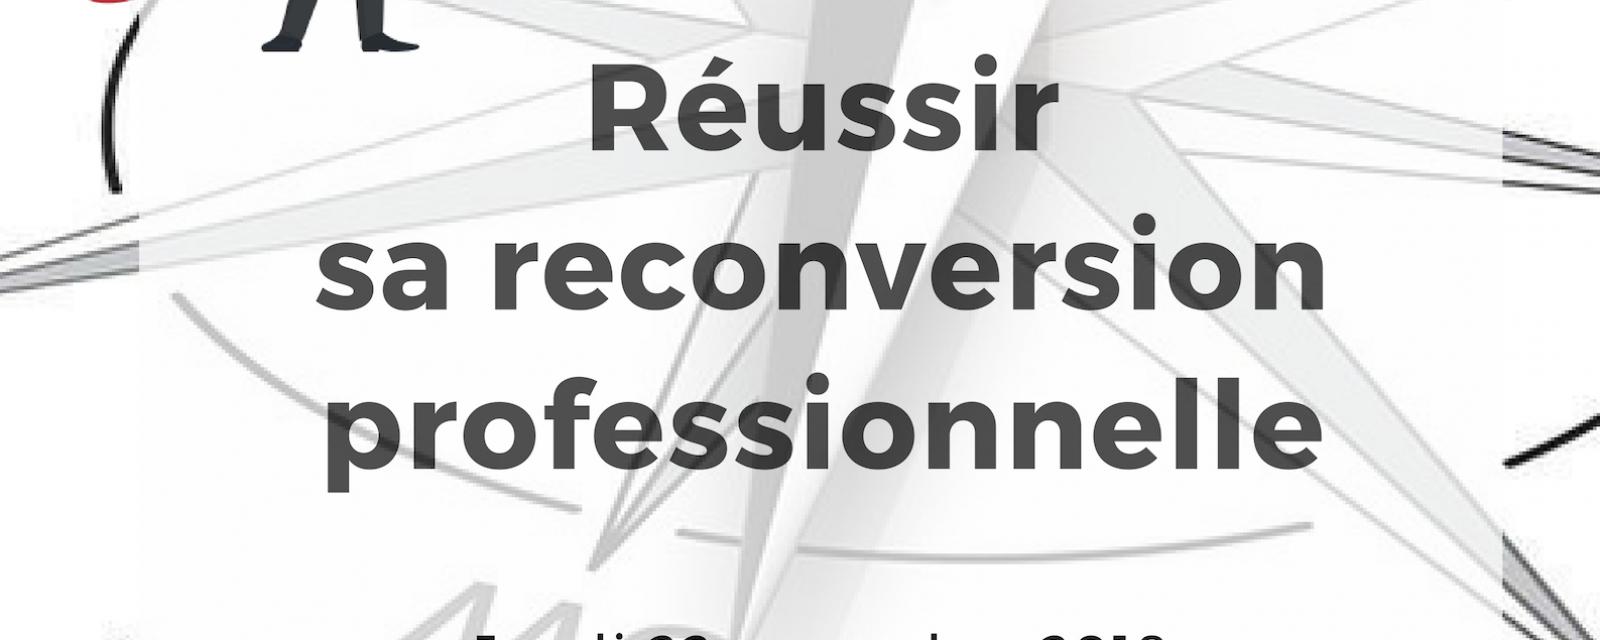 Réussir sa reconversion professionnelle 1